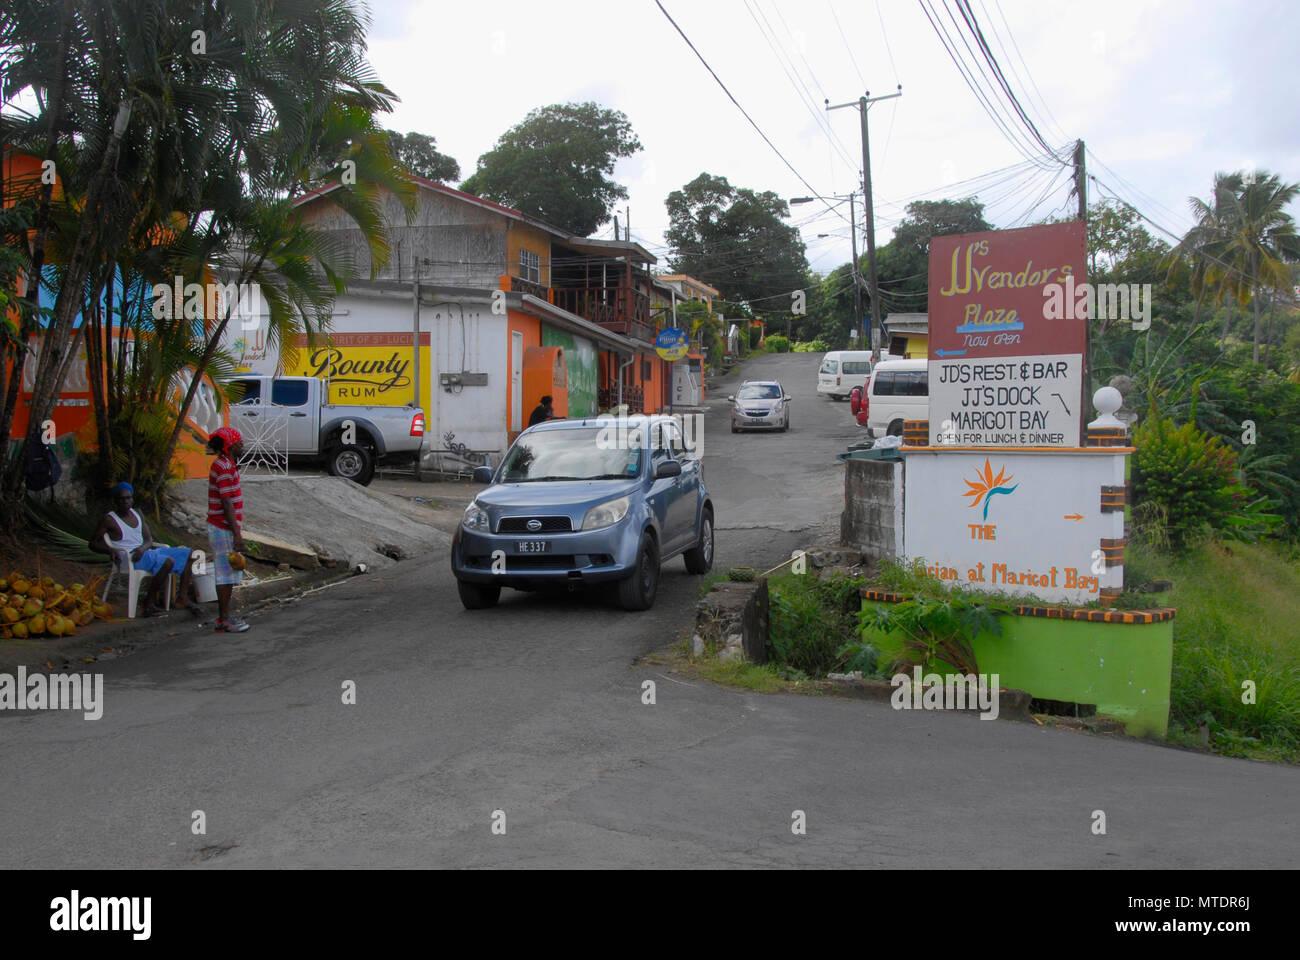 Roadside scene, Marigot Bay, St Lucia, Caribbean - Stock Image